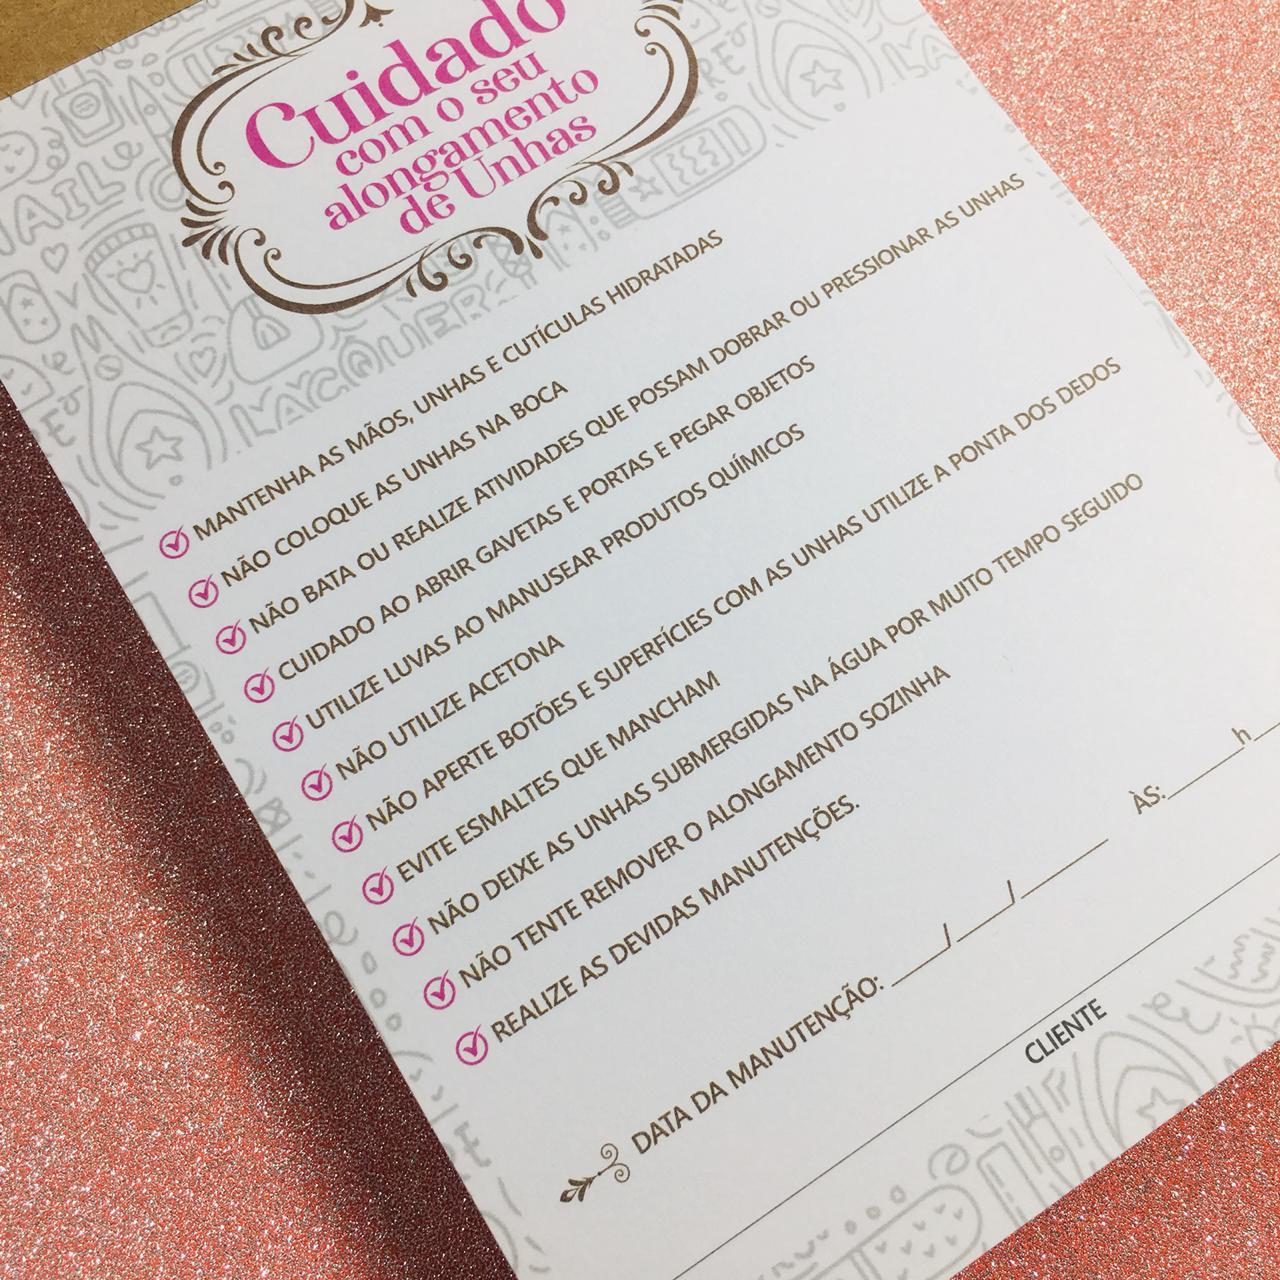 BLOCO CUIDADO COM ALONGAMENTOS COM 100 FOLHAS  - Sílvia Pedrarias & Cia